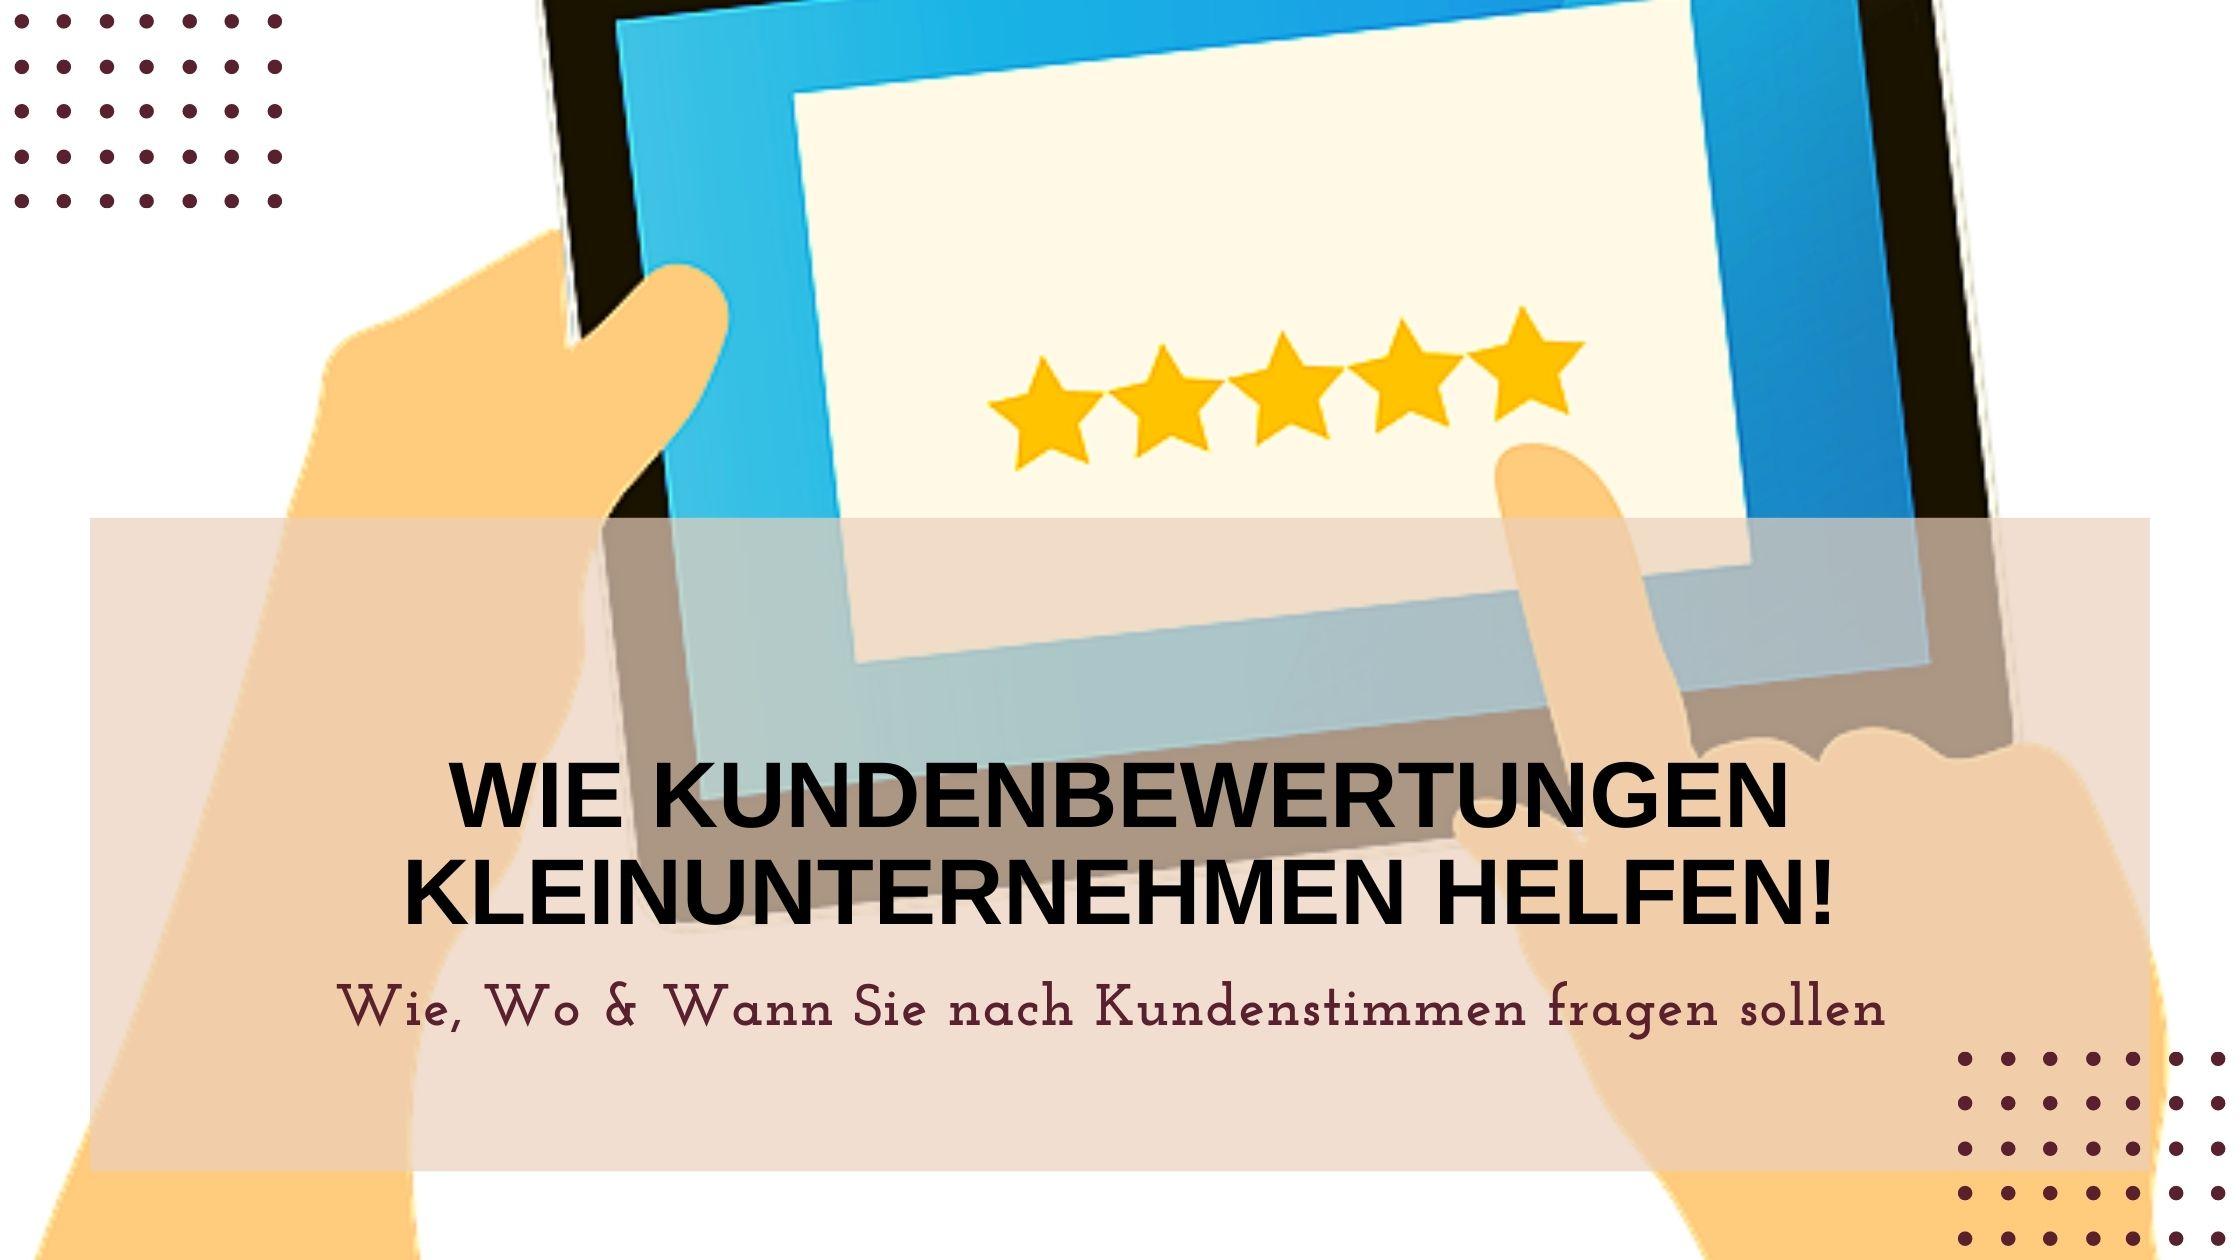 Kundenbewertungen für Kleinunternehmen